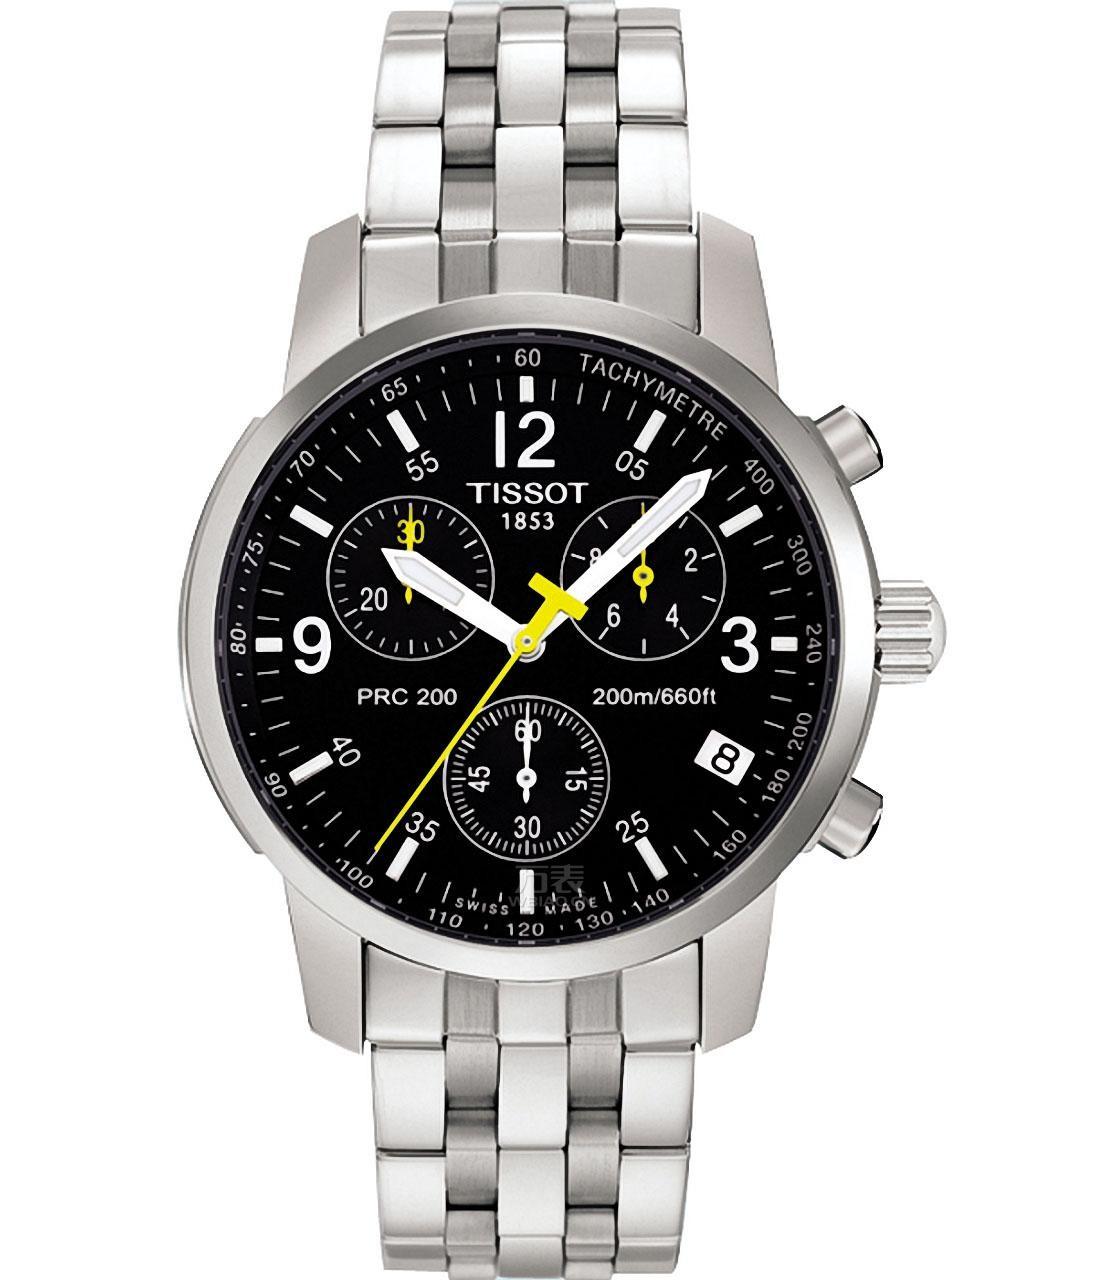 3000左右天梭男士手表推荐表款一:天梭PRC 200系列石英表